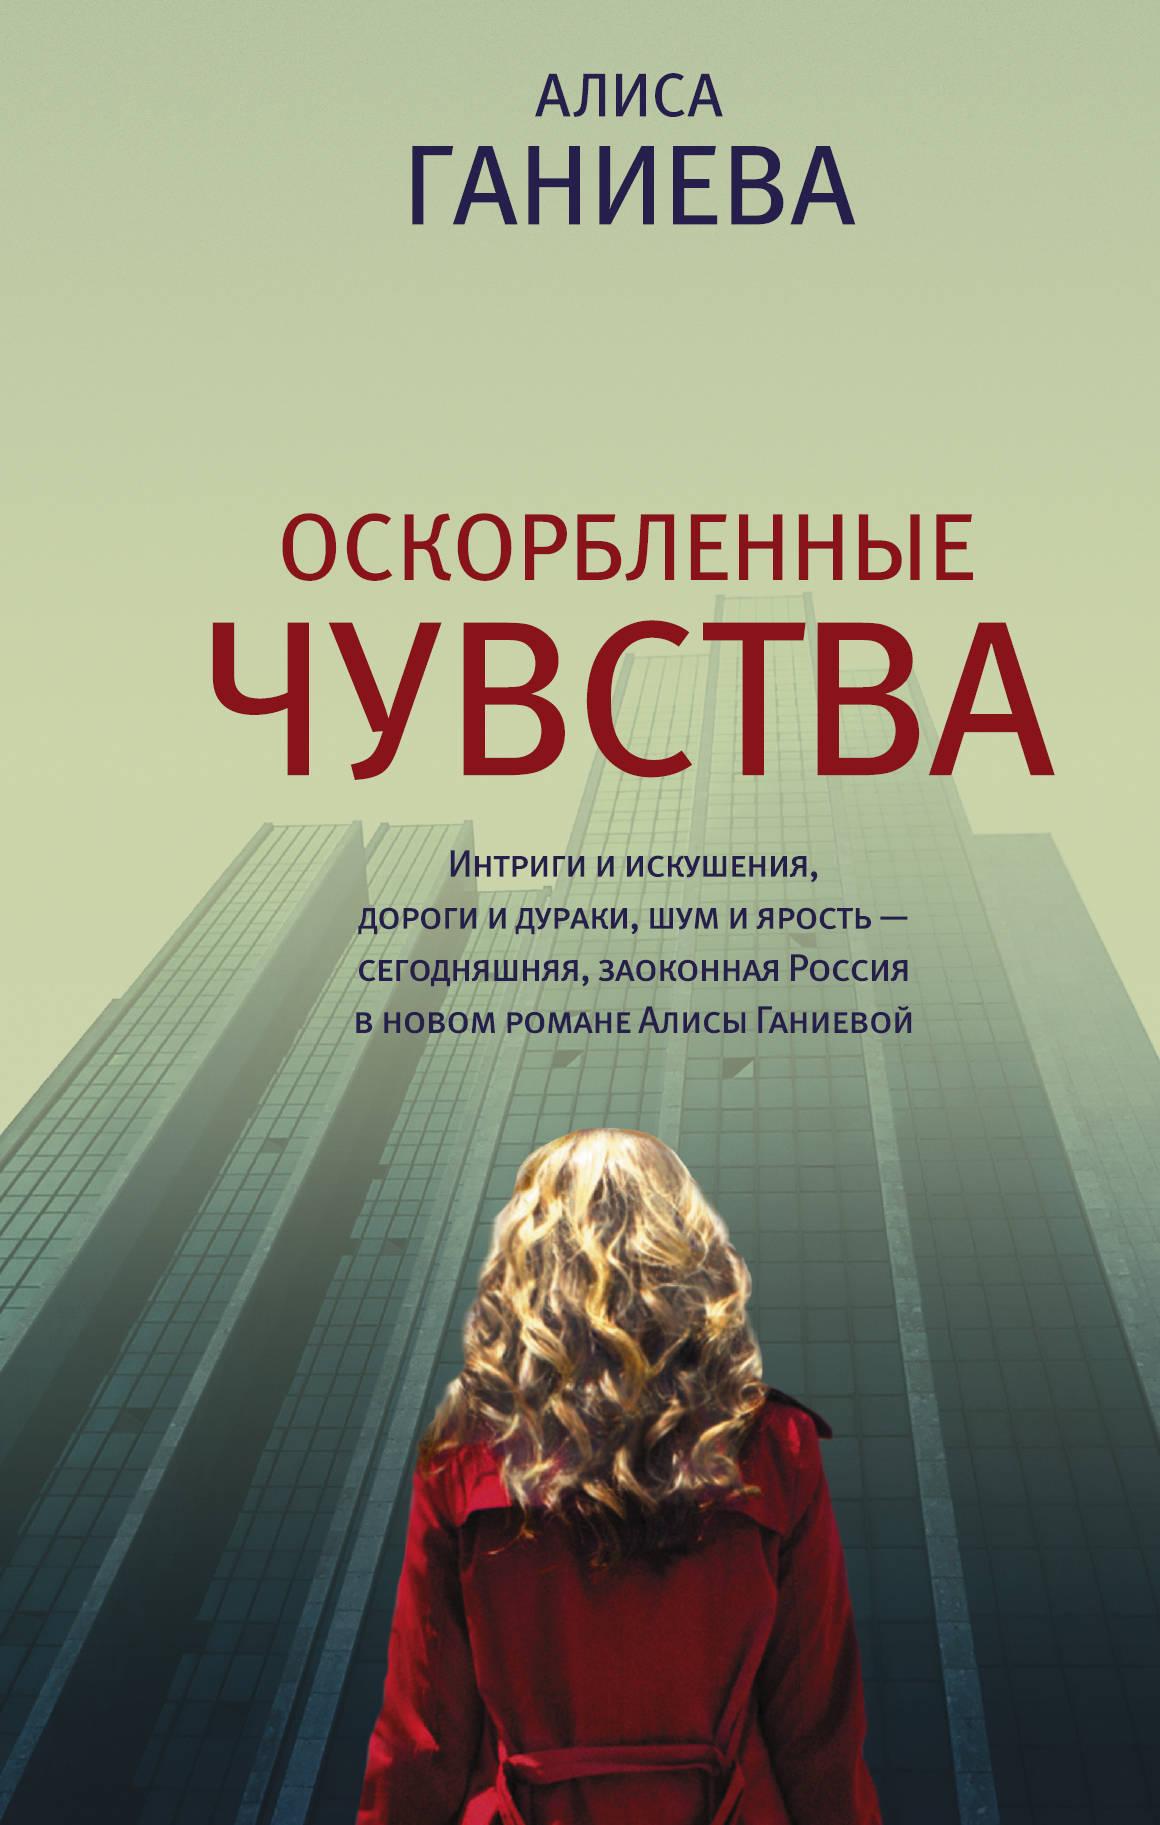 31f80a0721e07 Спорная книга: Алиса Ганиева, «Оскорблённые чувства» | Книжная ...